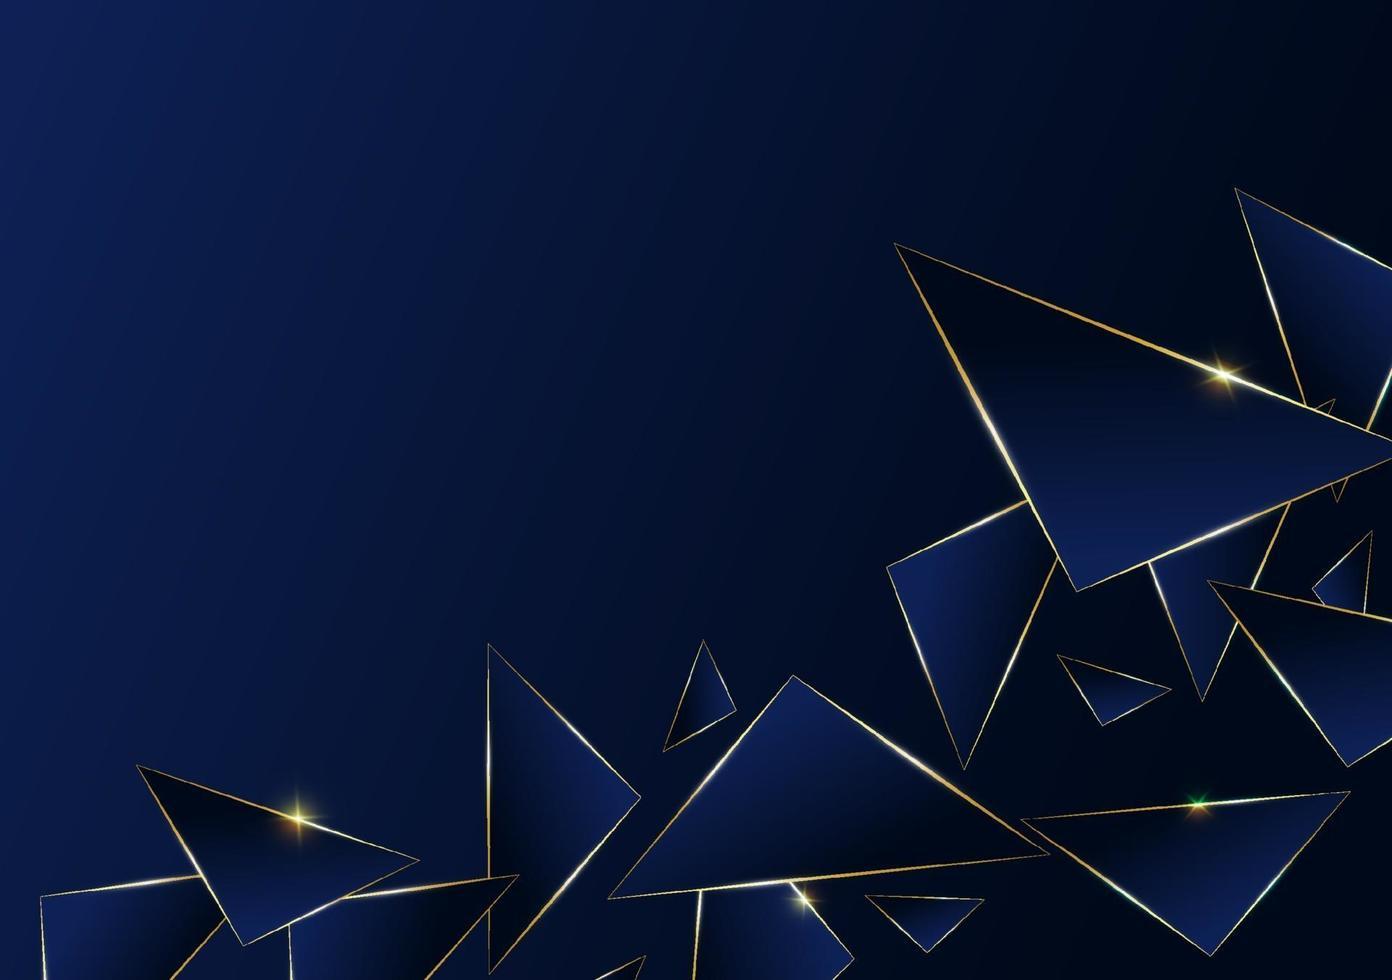 Luxus goldene Linie des abstrakten polygonalen Musters mit dunkelblauem Schablonenhintergrund. Premium-Stil für Poster, Cover, Print, Artwork. Vektorillustration vektor